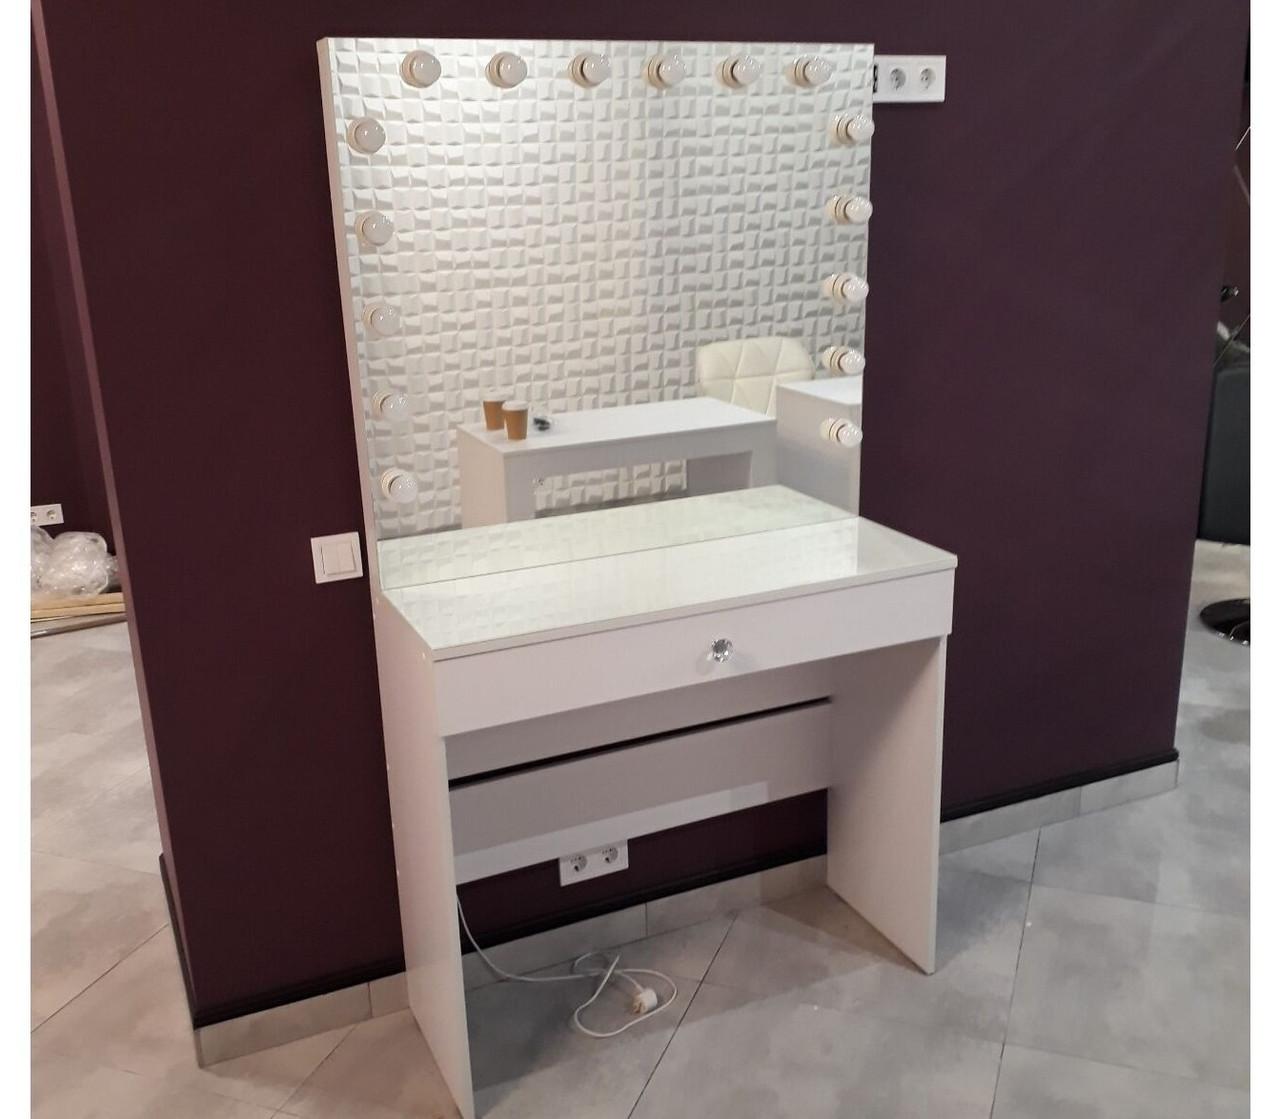 Стол для визажиста/ столик для макияжа, зеркало с подсветкой/Рабочее место для визажиста с выдвижным ящичком